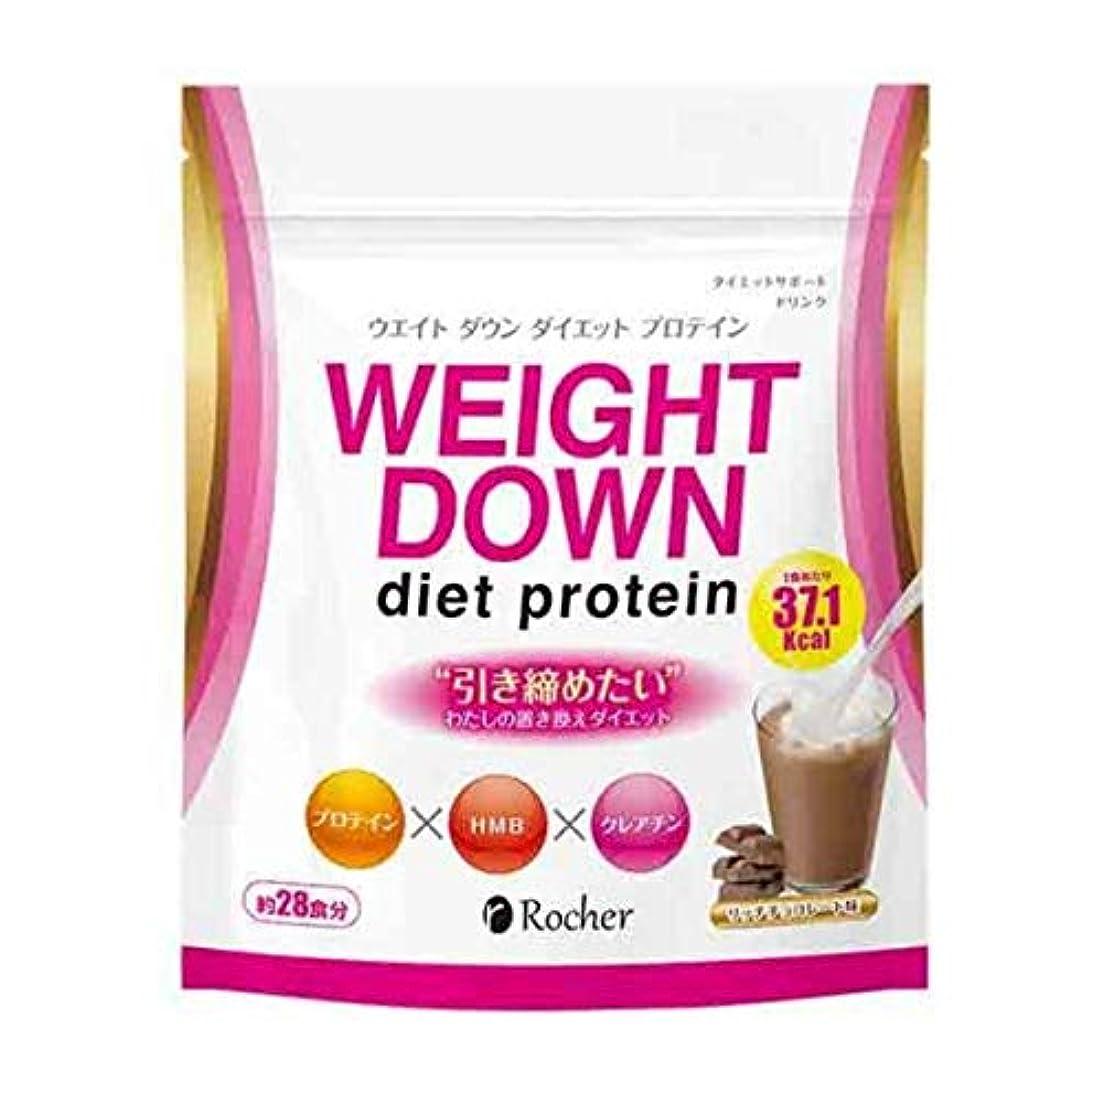 名義で特許つまずく初回限定!マドラーセット ウェイトダウン ダイエットプロテイン 置き換えダイエット!栄養バランを考えて作られたダイエットプロテイン シェイカー要らず